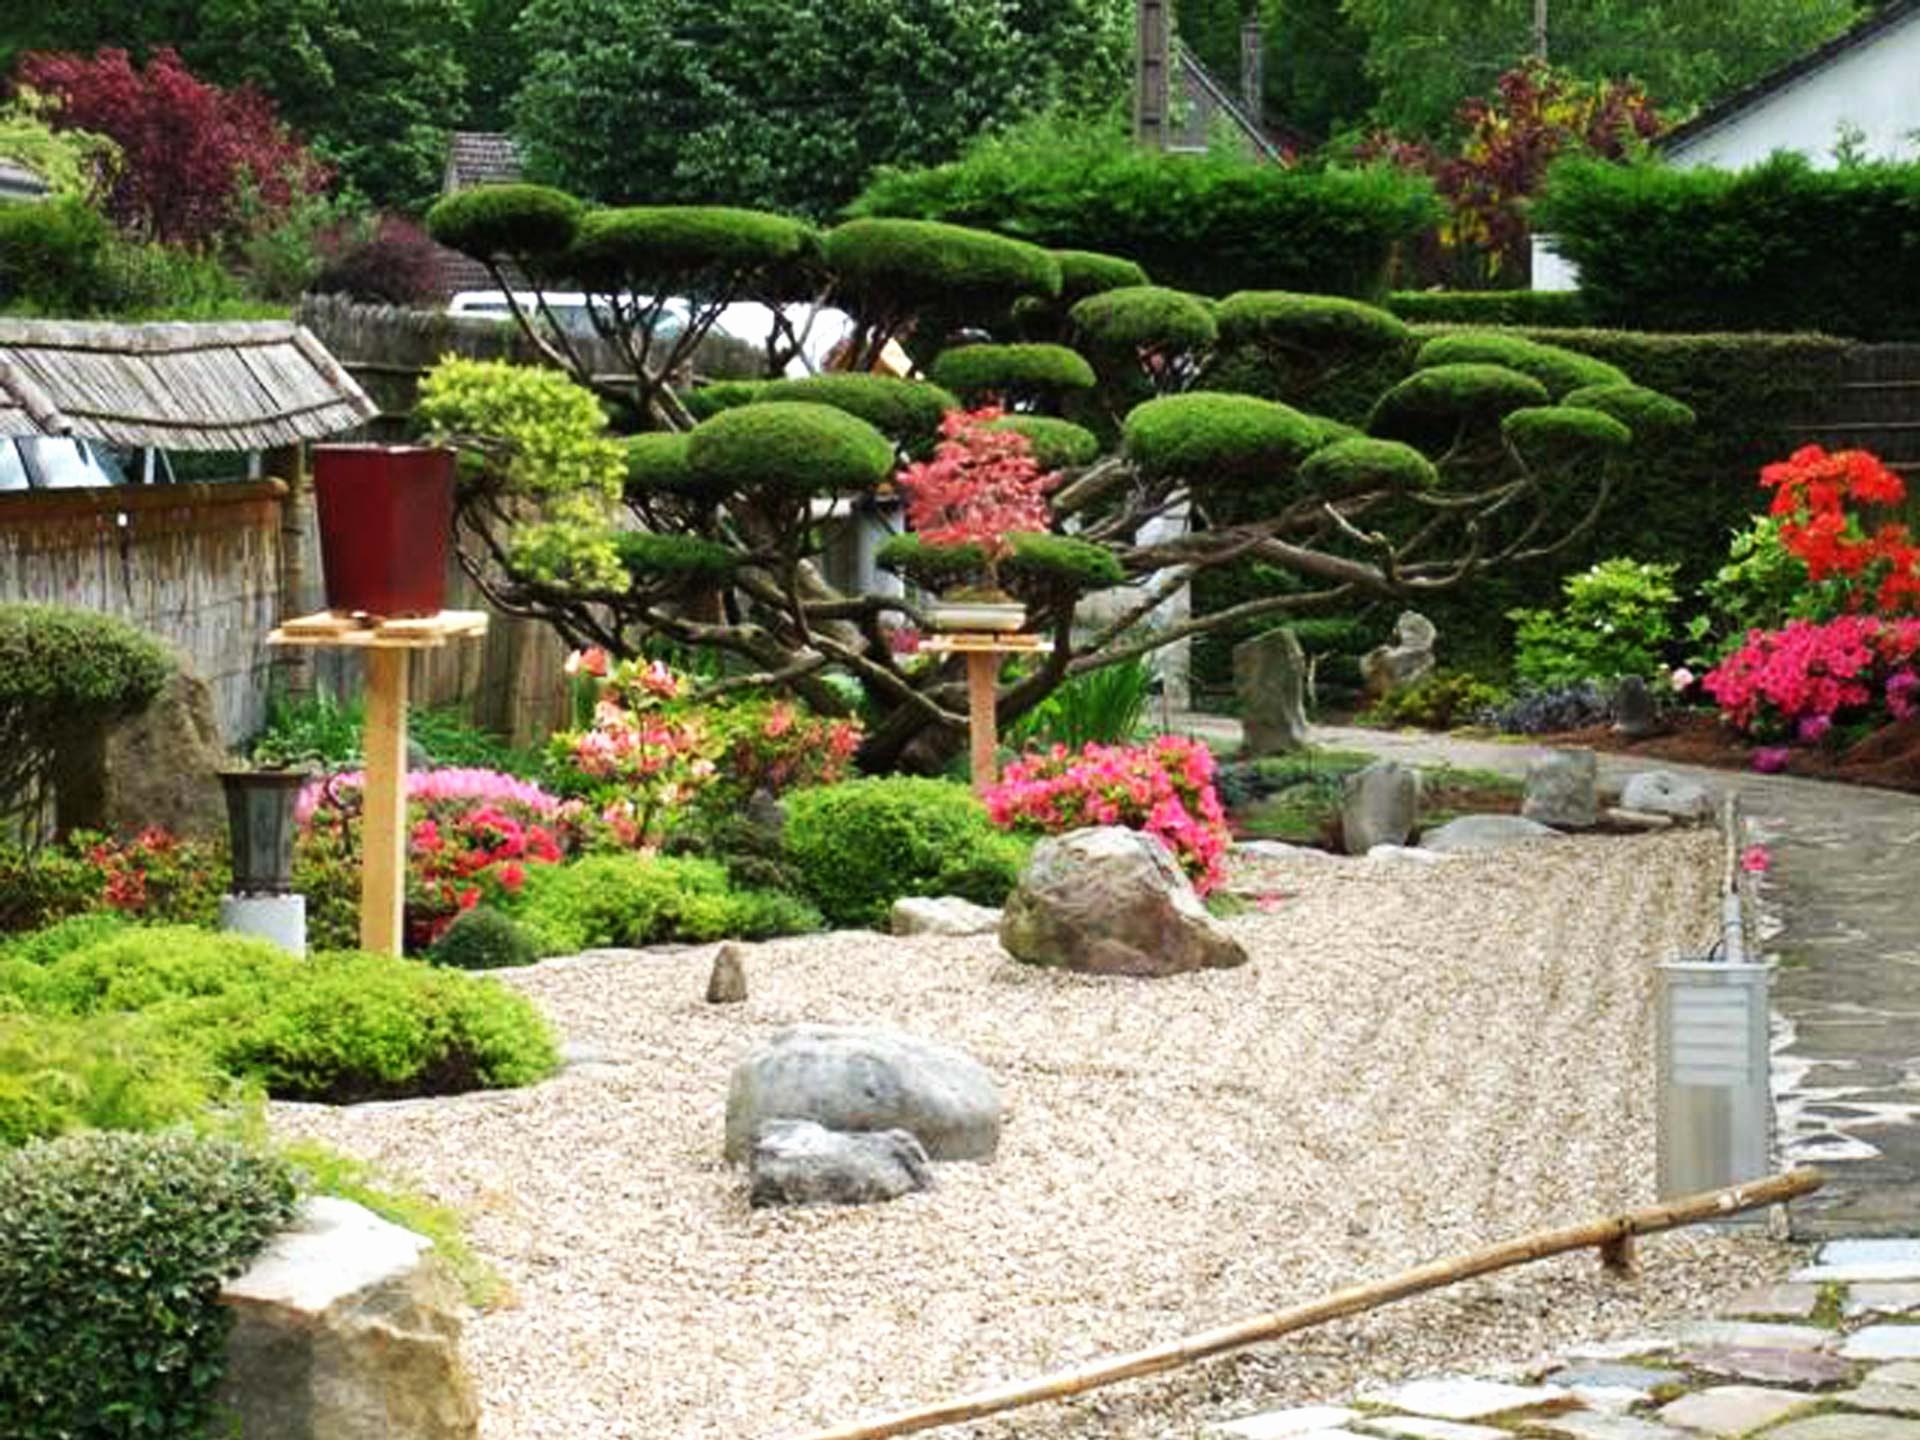 Faire Un Jardin Zen Pas Cher Schème - Idees Conception Jardin encequiconcerne Faire Un Jardin Zen